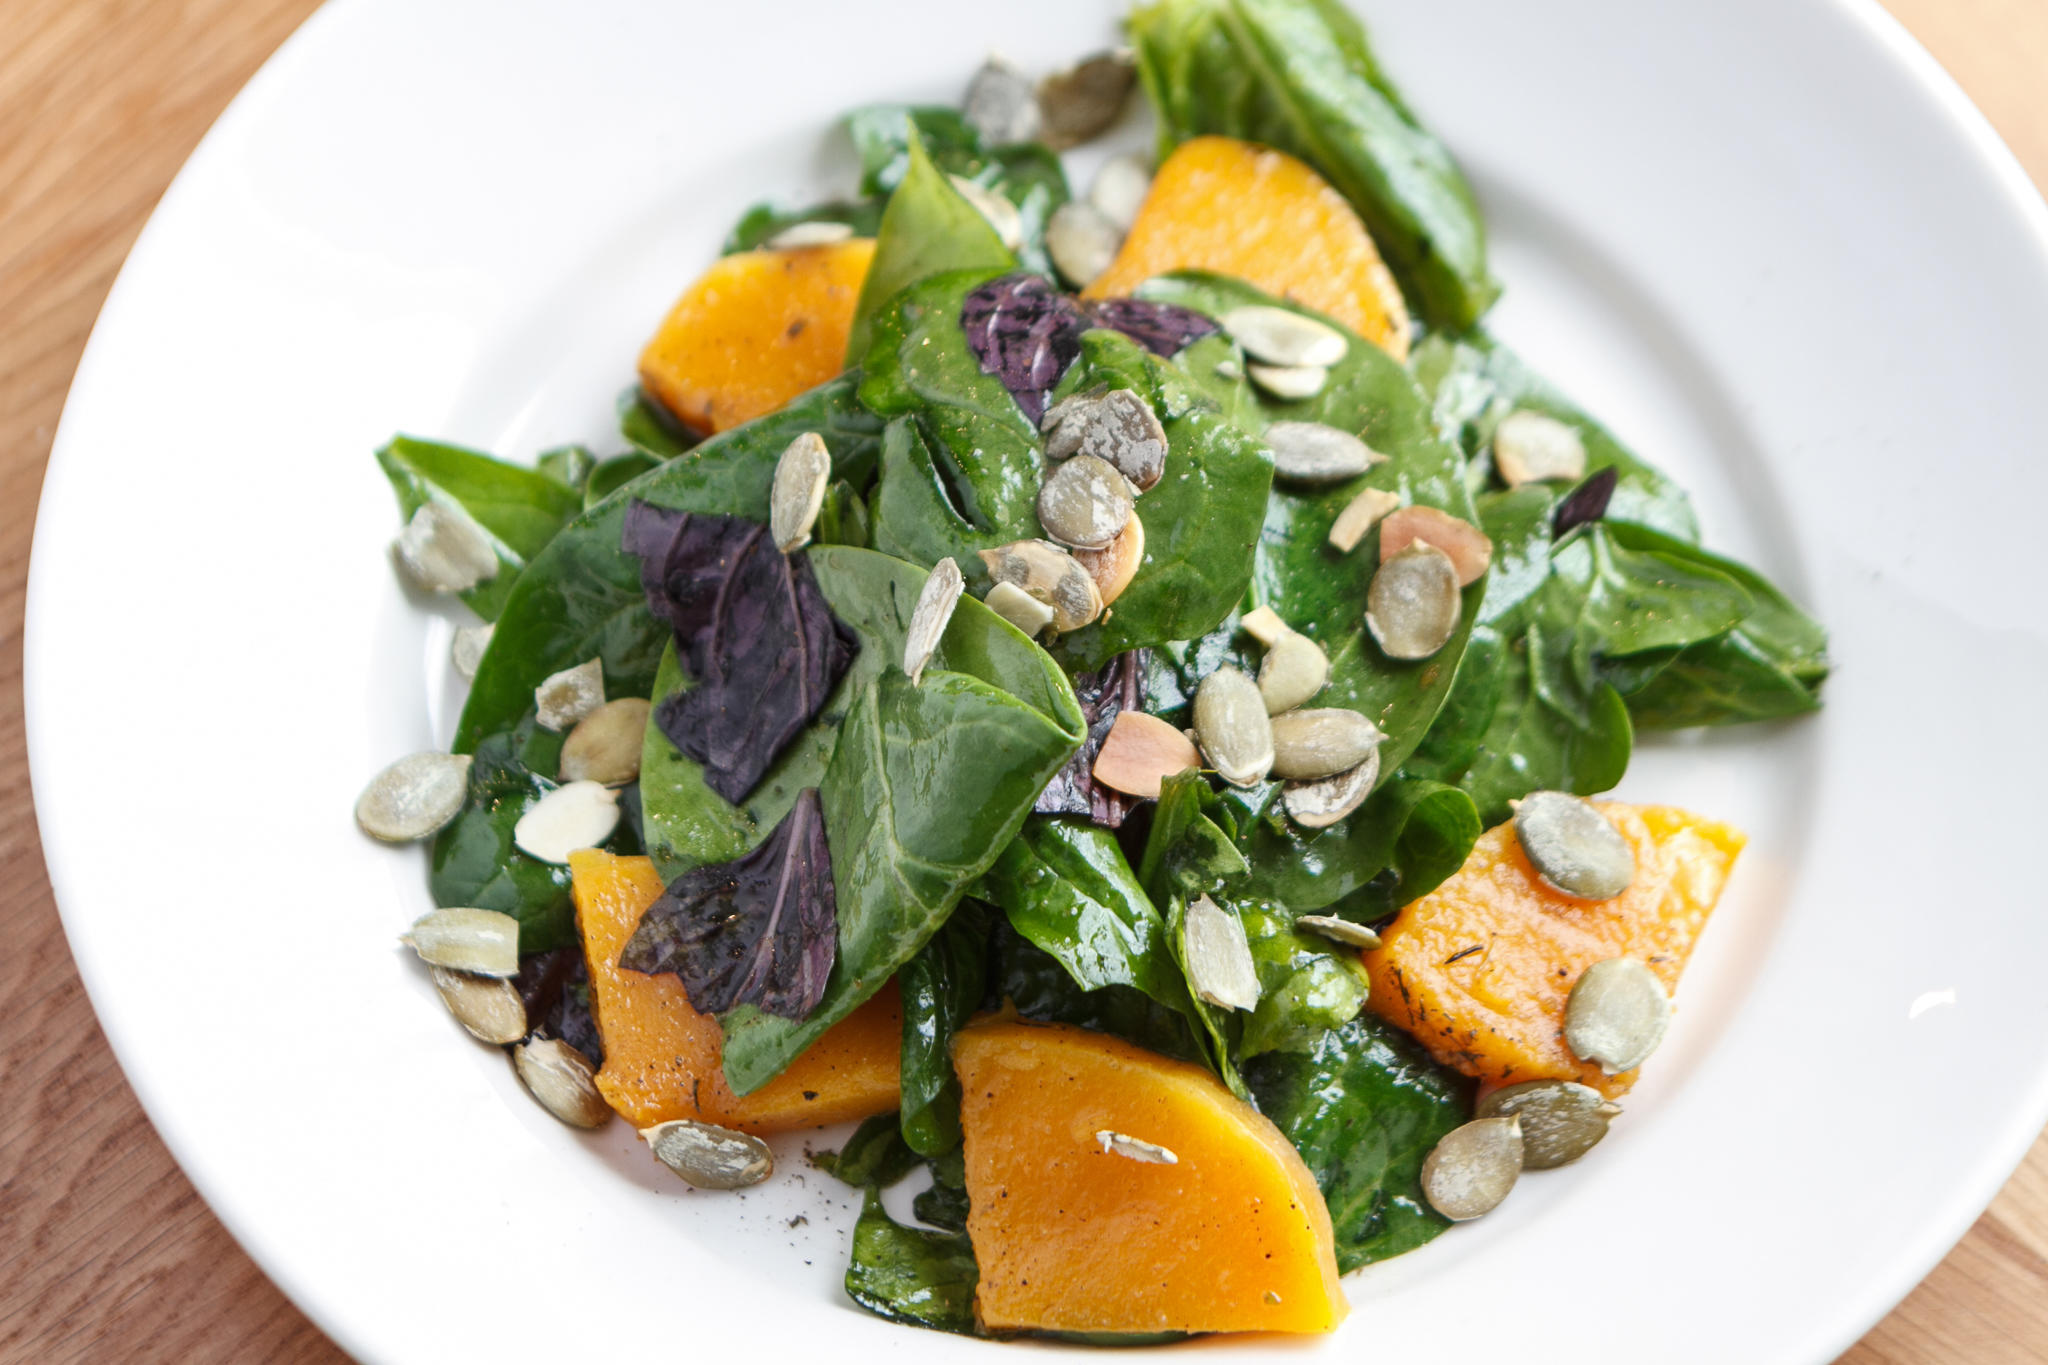 Салат со шпинатом, запечённой тыквой и семечками